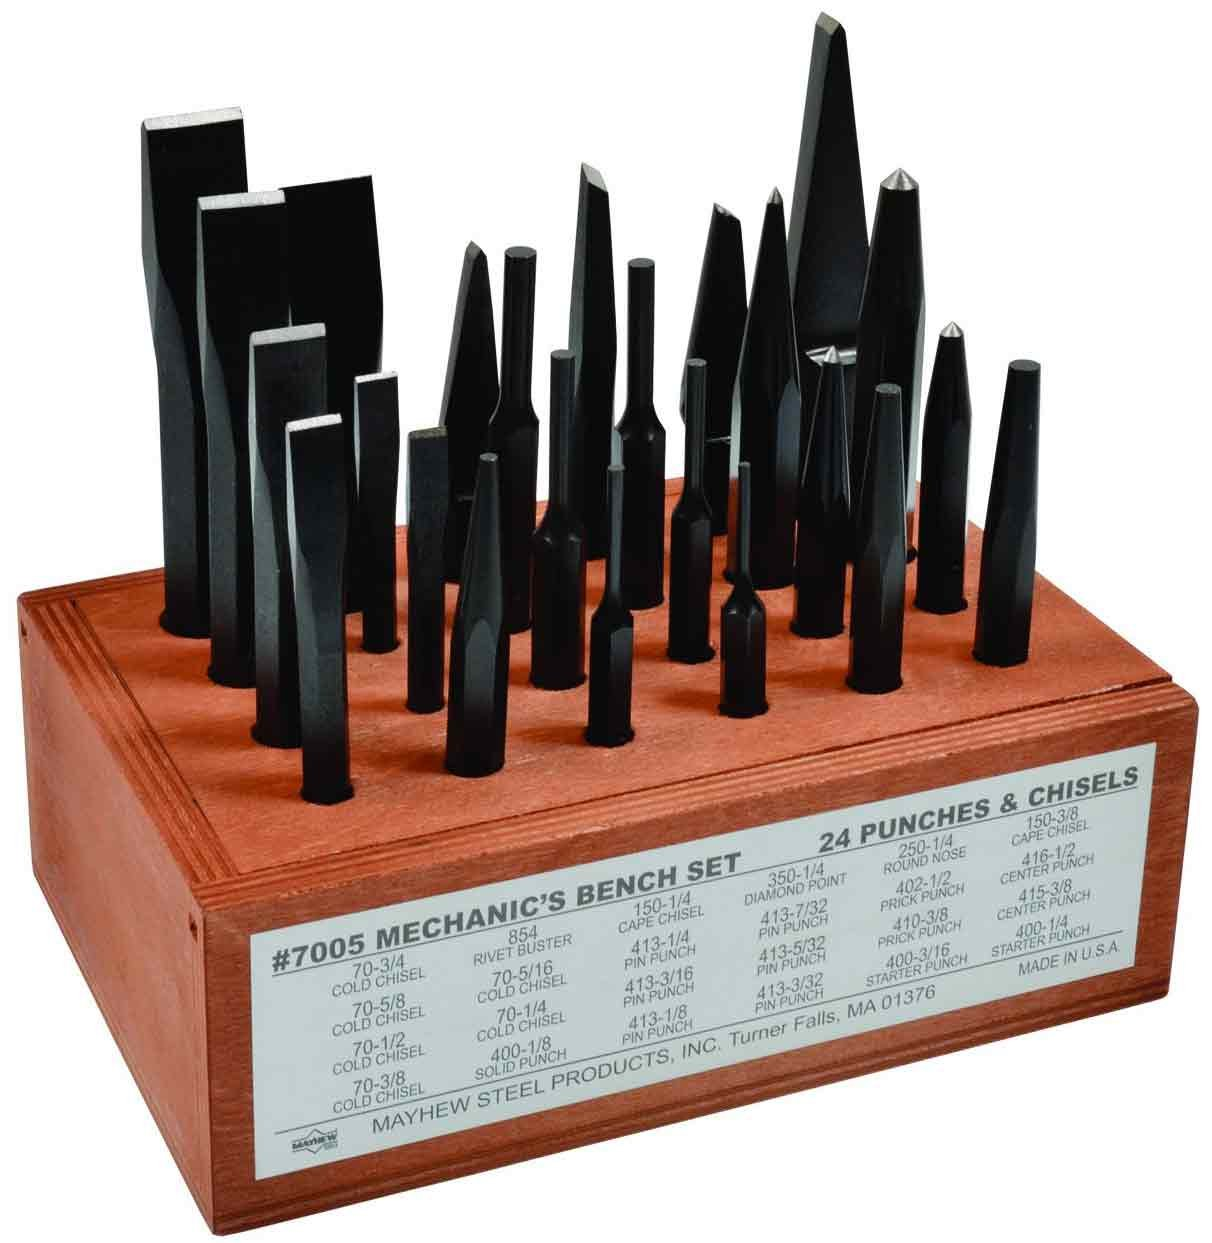 Mayhew Pro 61080 Mechanics Bench Set, 24-Piece by Mayhew Tools